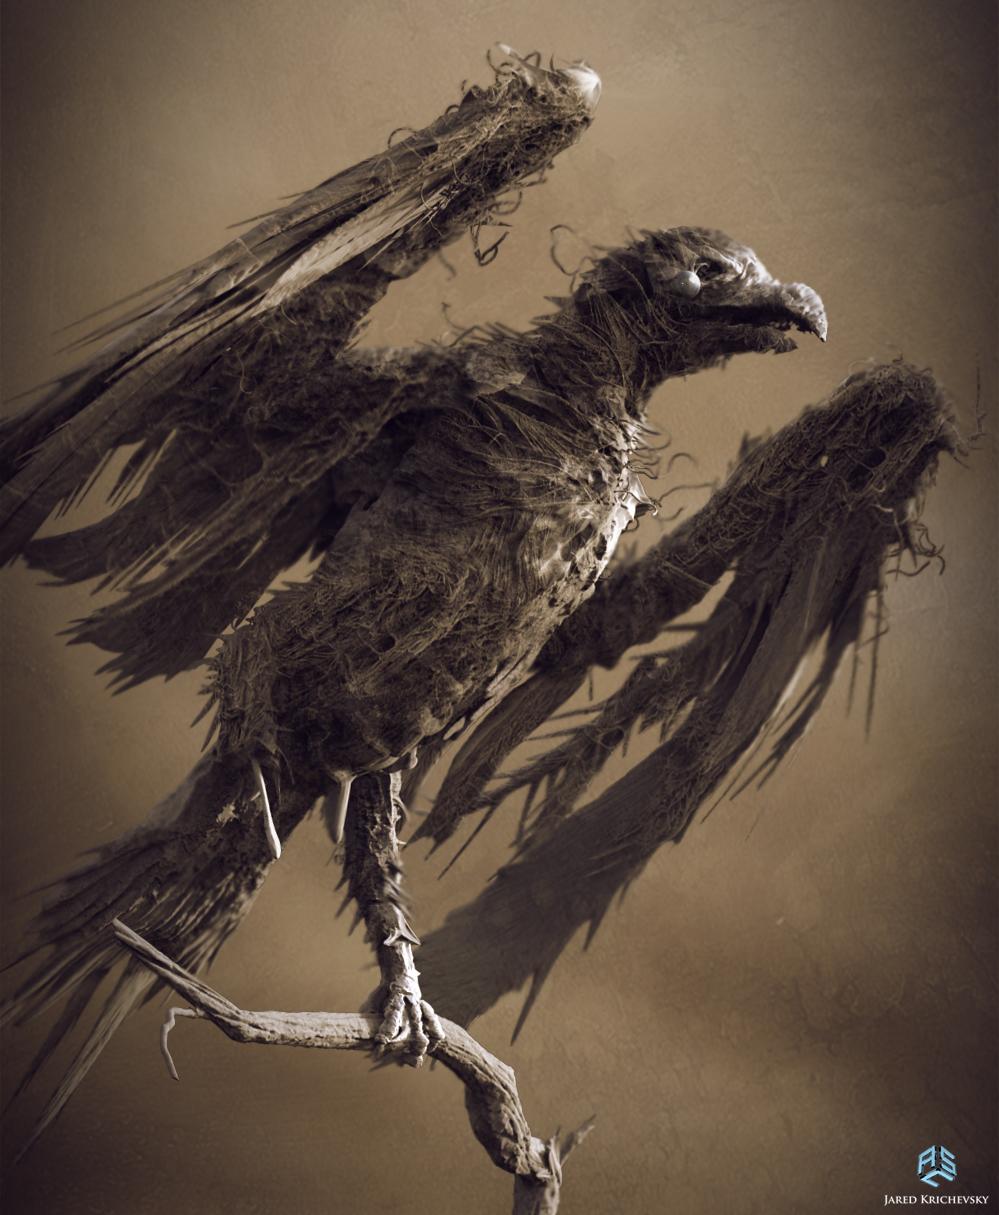 ASC_Pirates5_Birds_v2_10-10-14.jpg